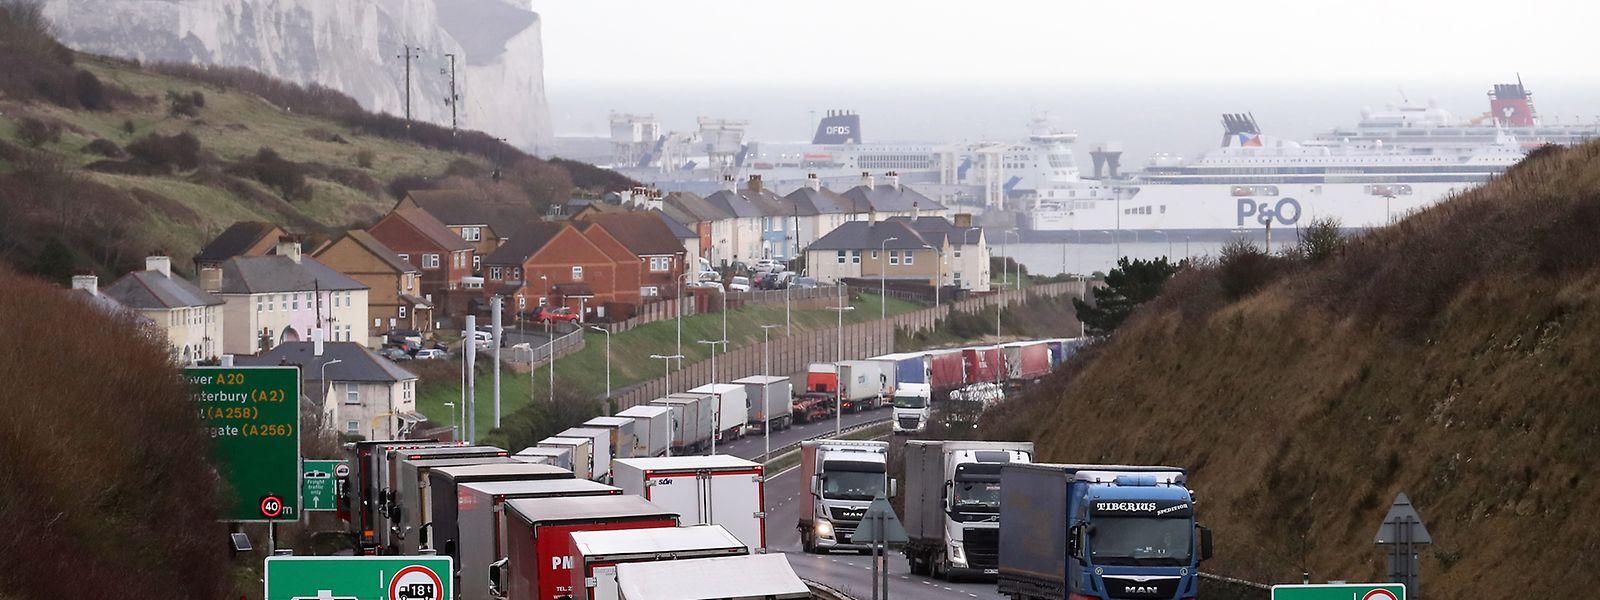 Lastwagen stehen Schlange, um in den Hafen von Dover in Kent einzufahren. An den britischen Häfen stauen sich seit Wochen die Container. Viele Unternehmen versuchen, vor Ablauf der Brexit-Übergangsphase am 31. Dezember ihre Lagerbestände aufzufüllen.